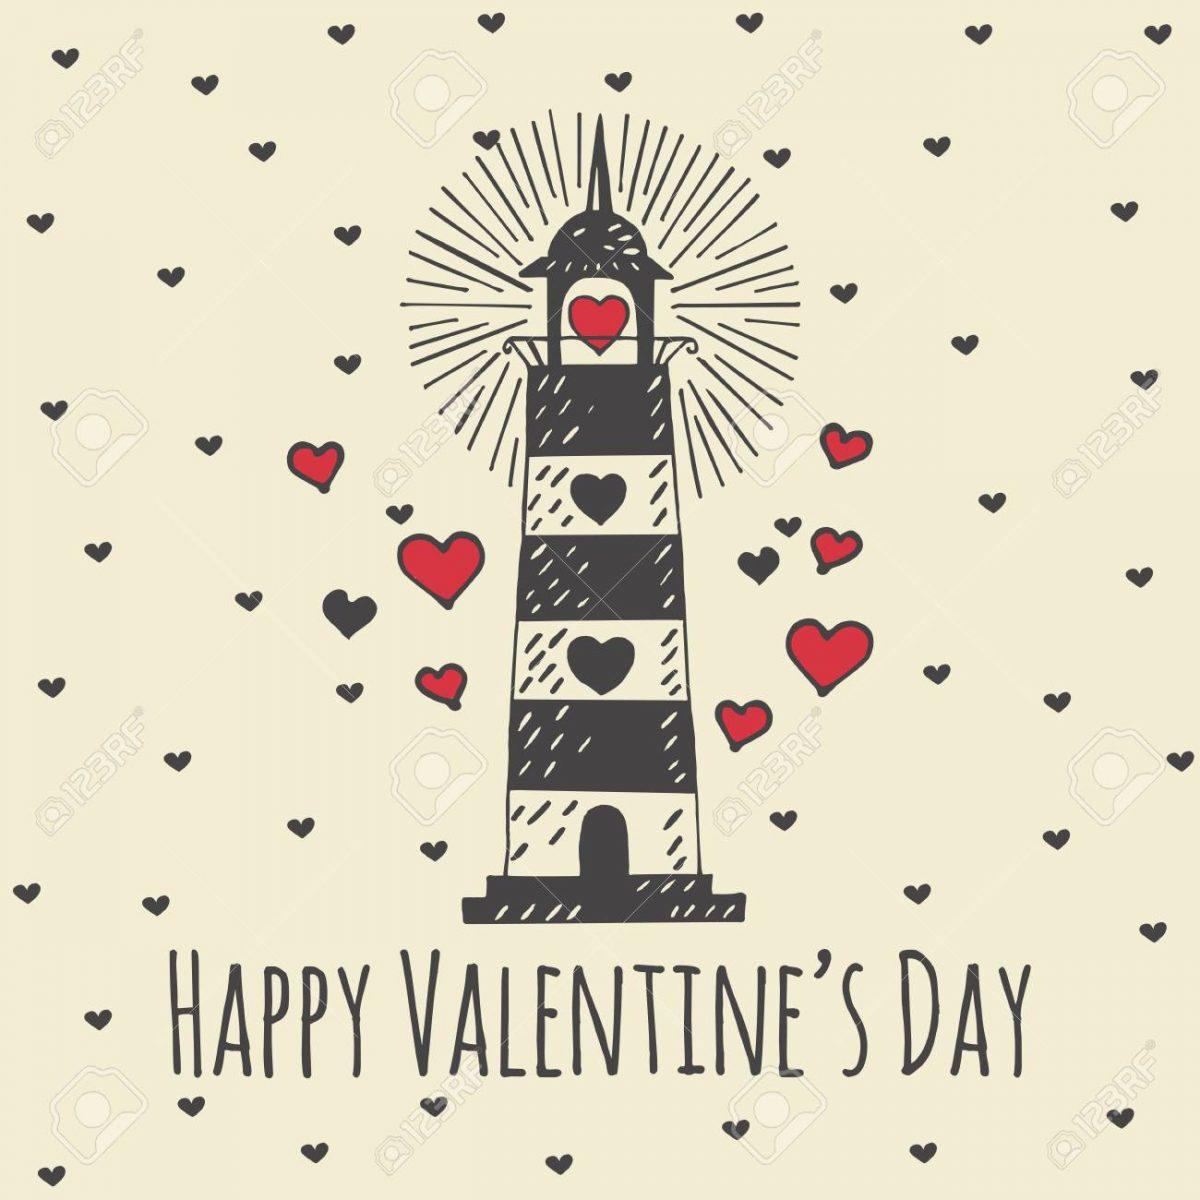 Hoy es San Valentín, amantes de los faros